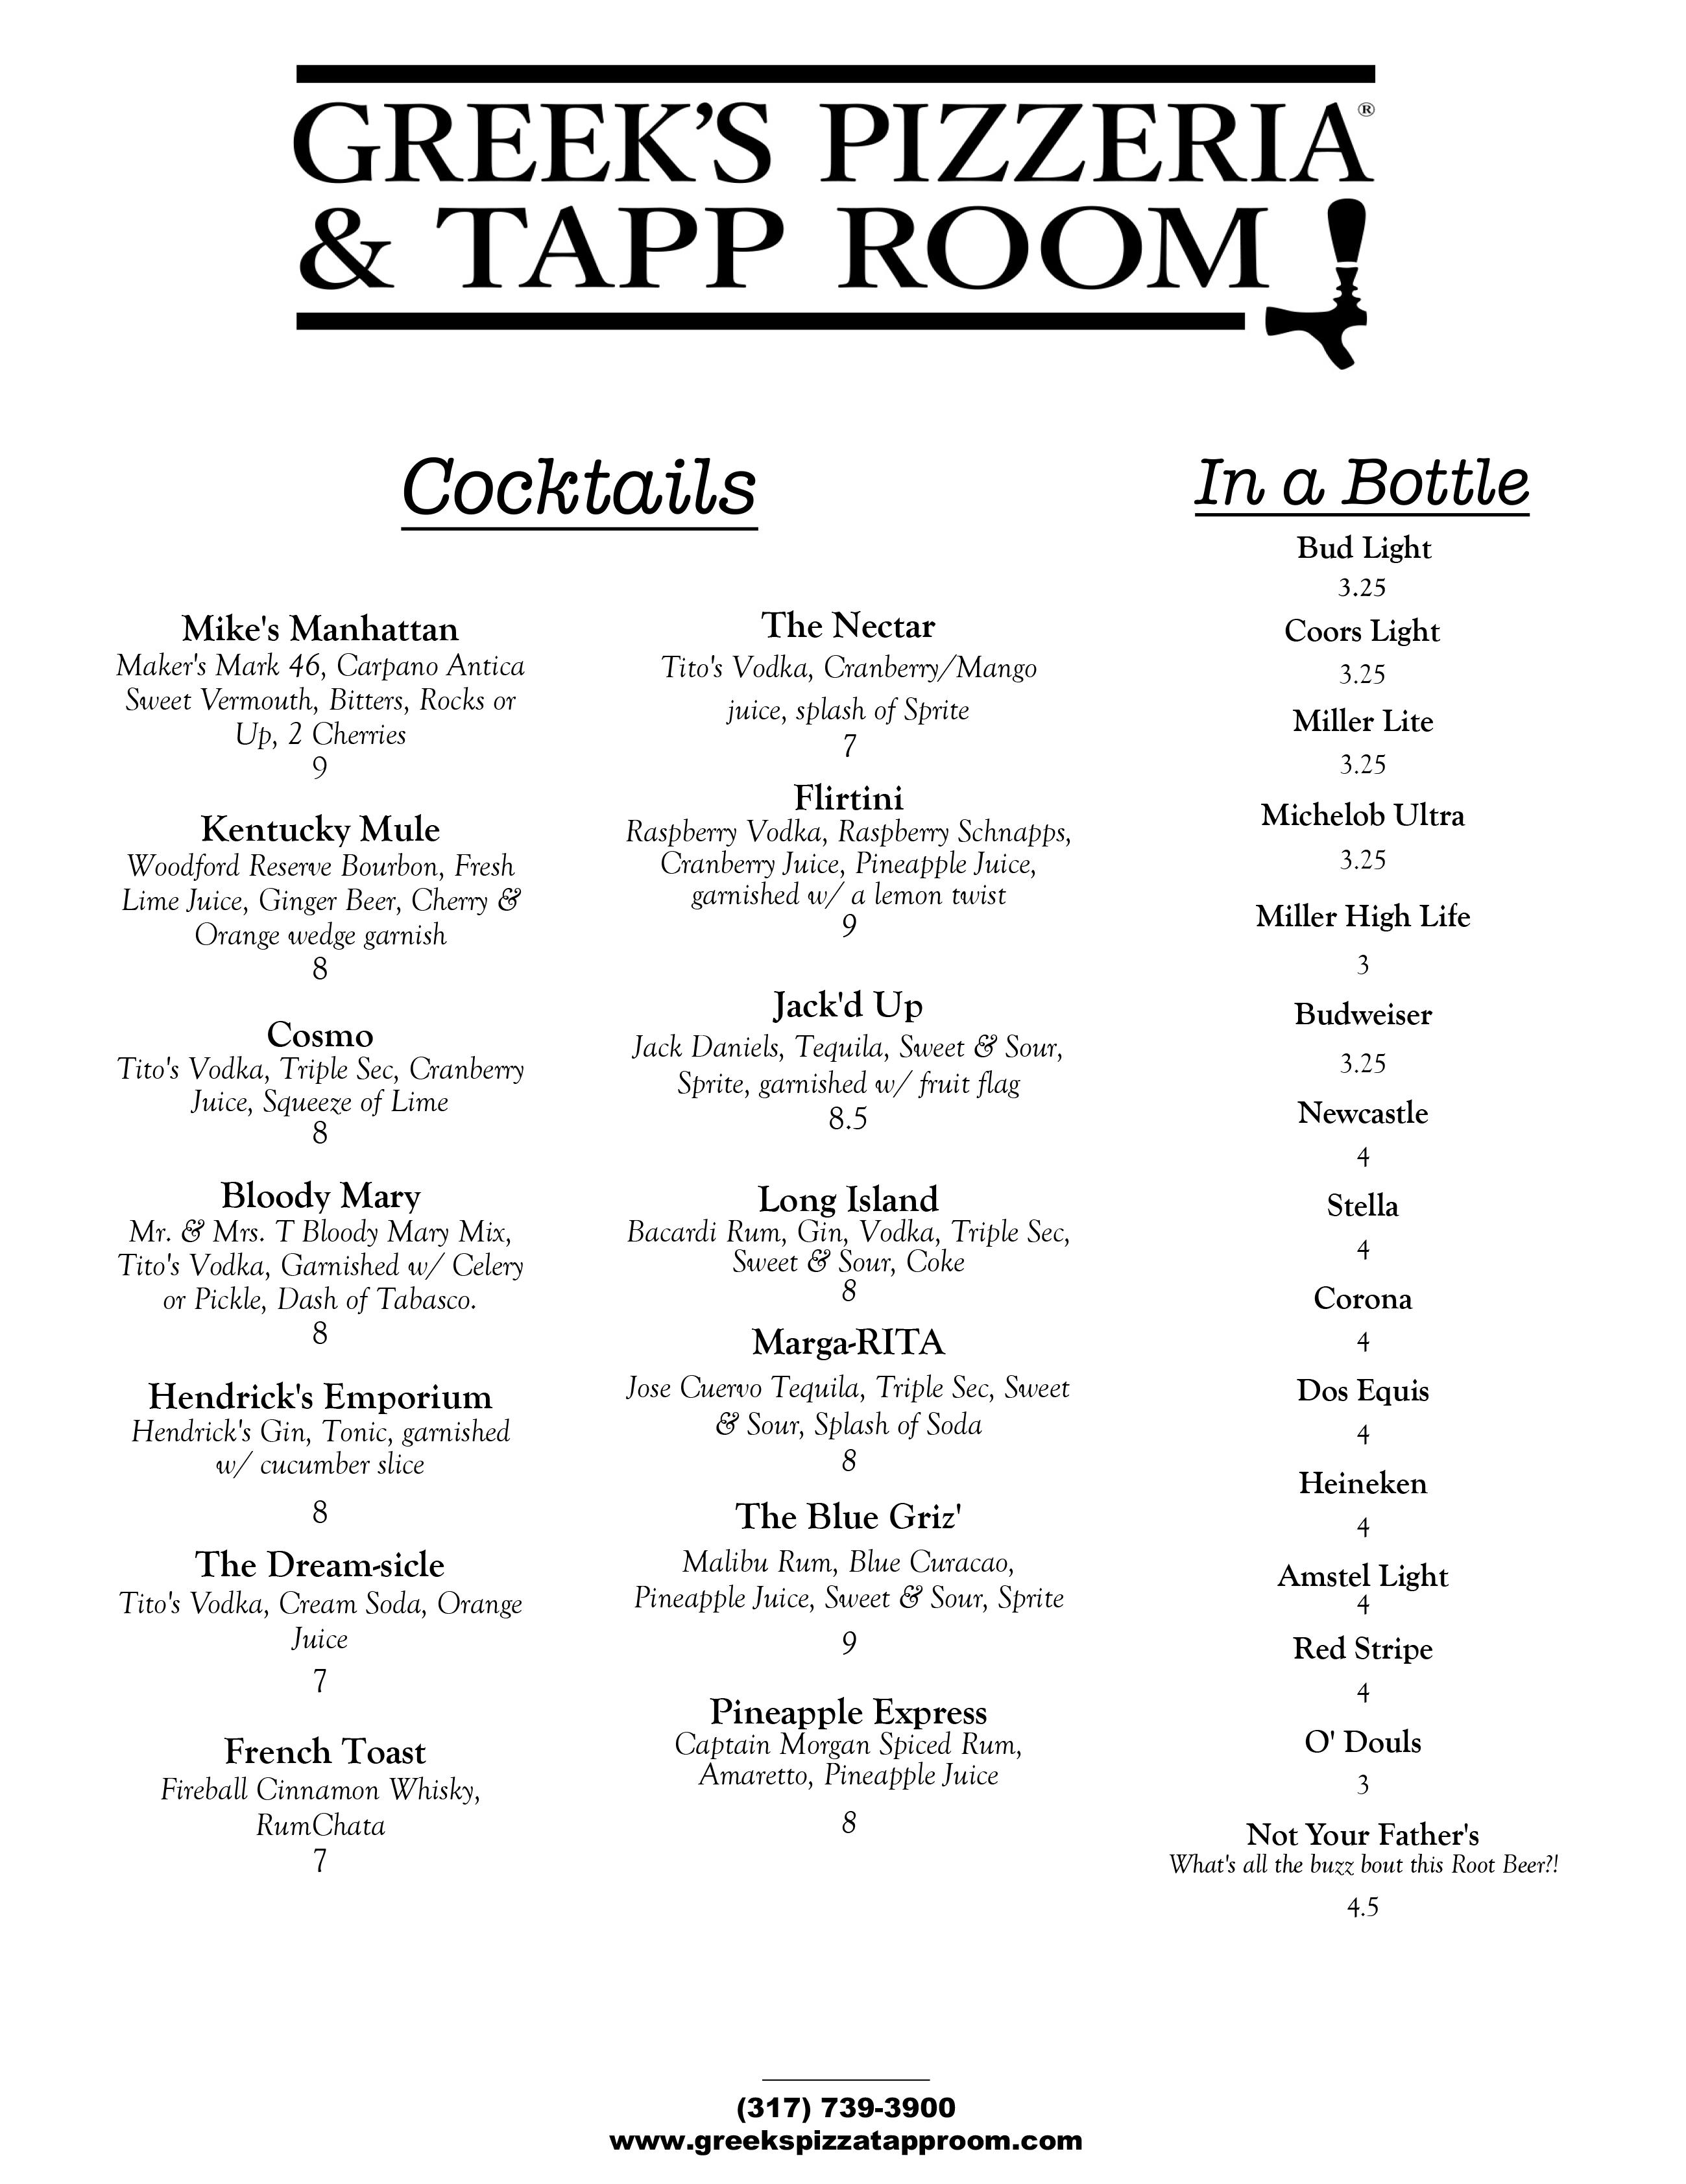 Cocktail wine beer menu 2-2-16-1